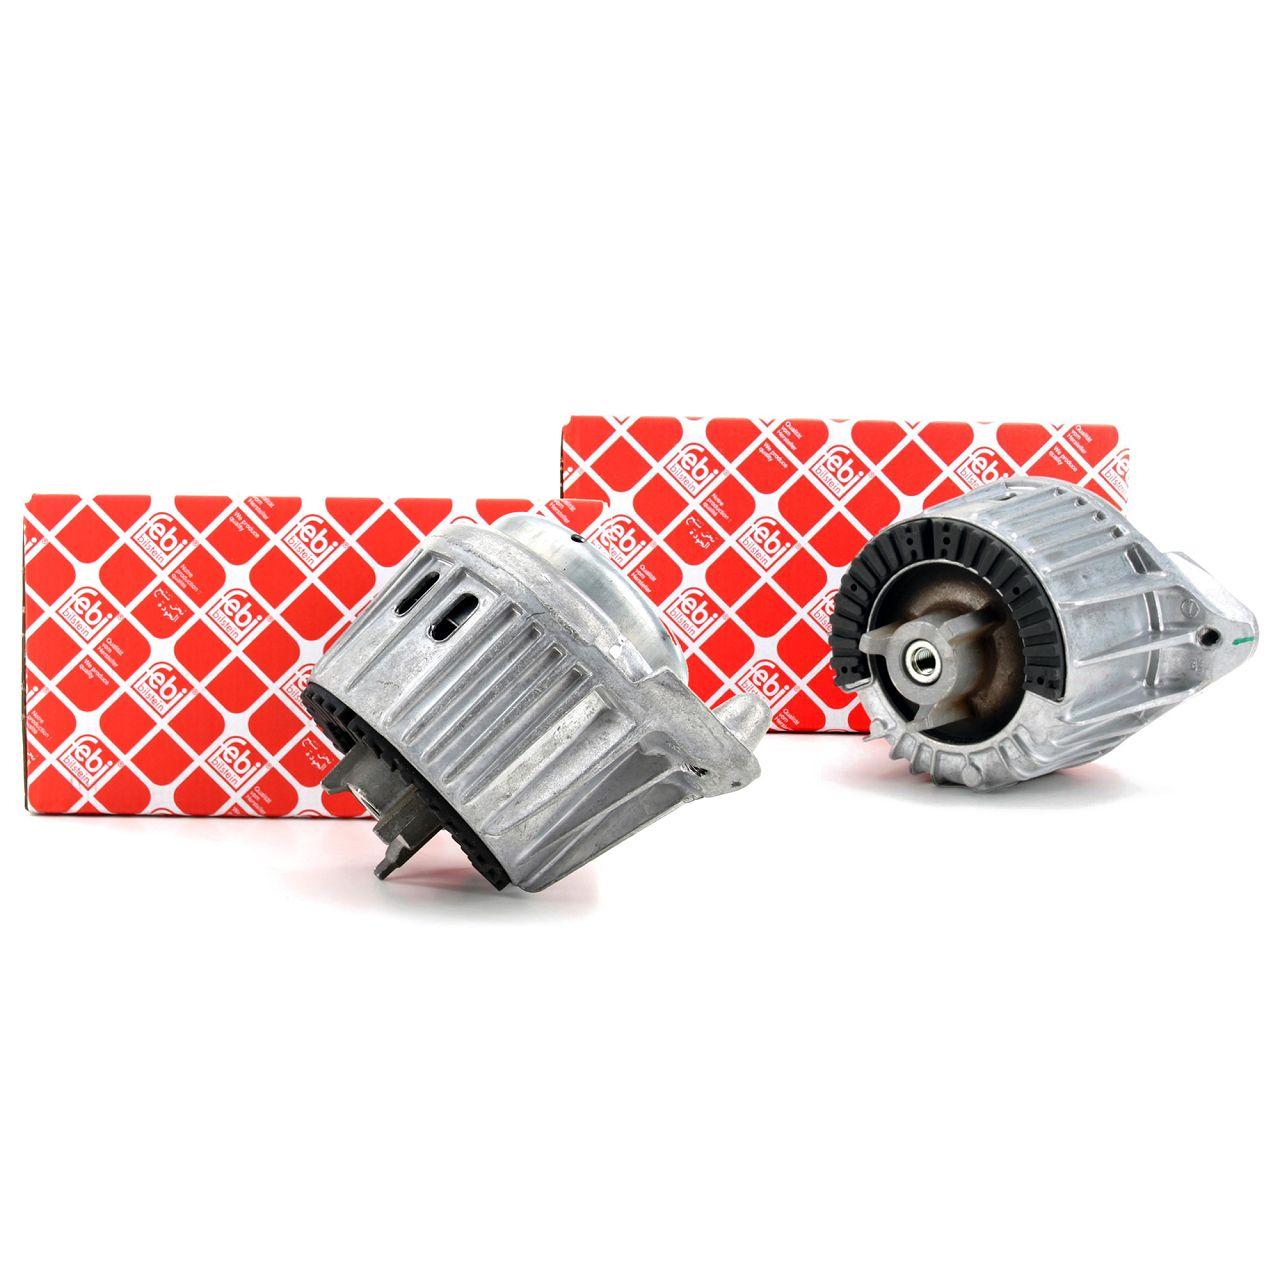 2x FEBI Motorlager Motorhalter Hydrolager für Mercedes W204 C218 X218 W212 vorne